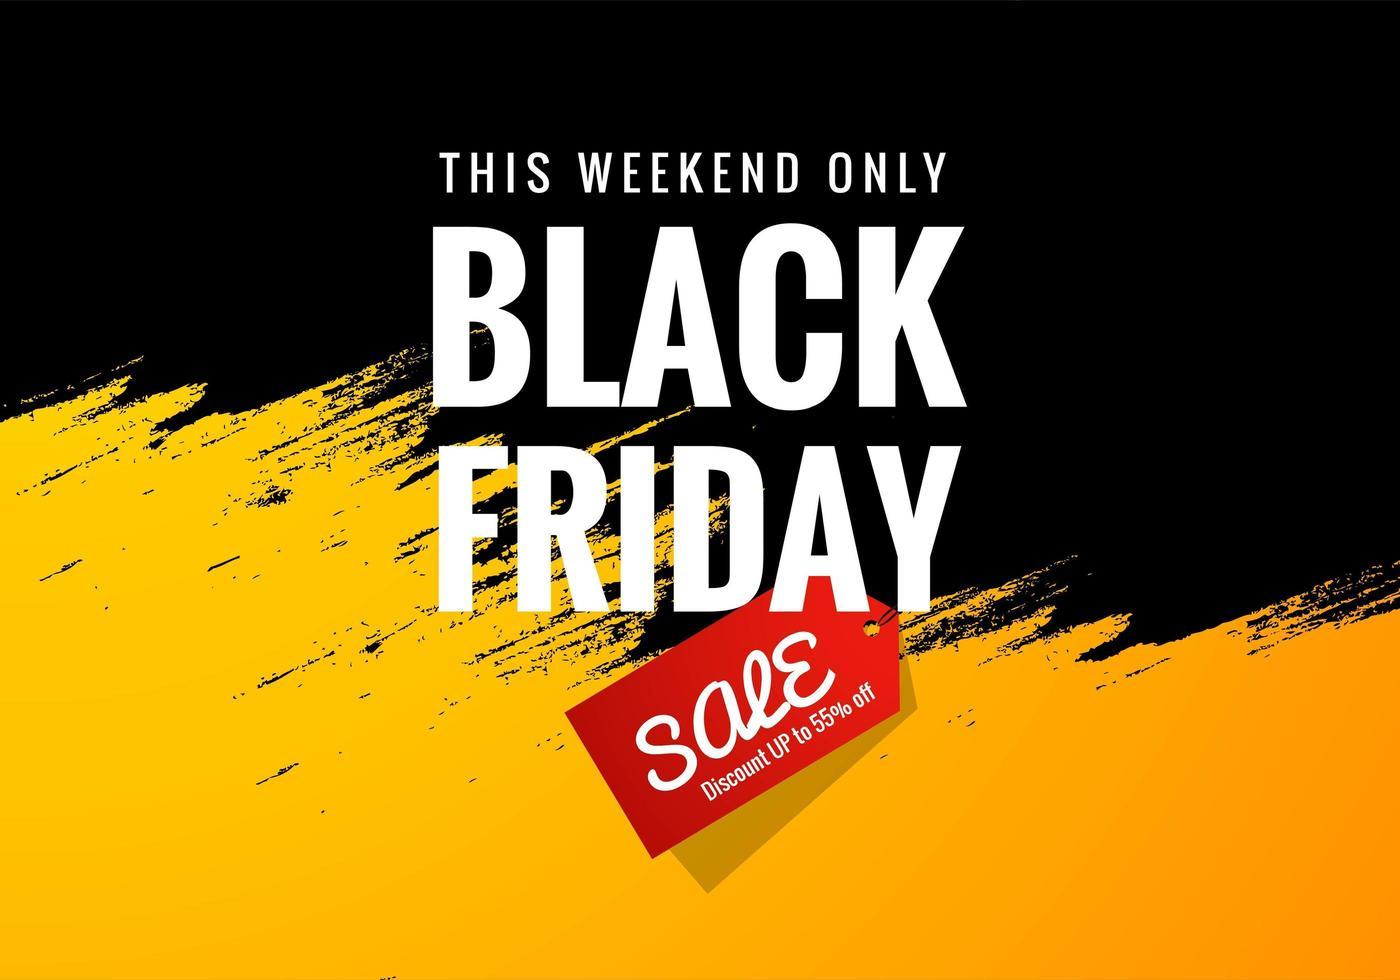 zwarte vrijdag weekend verkoop banner concept achtergrond vector